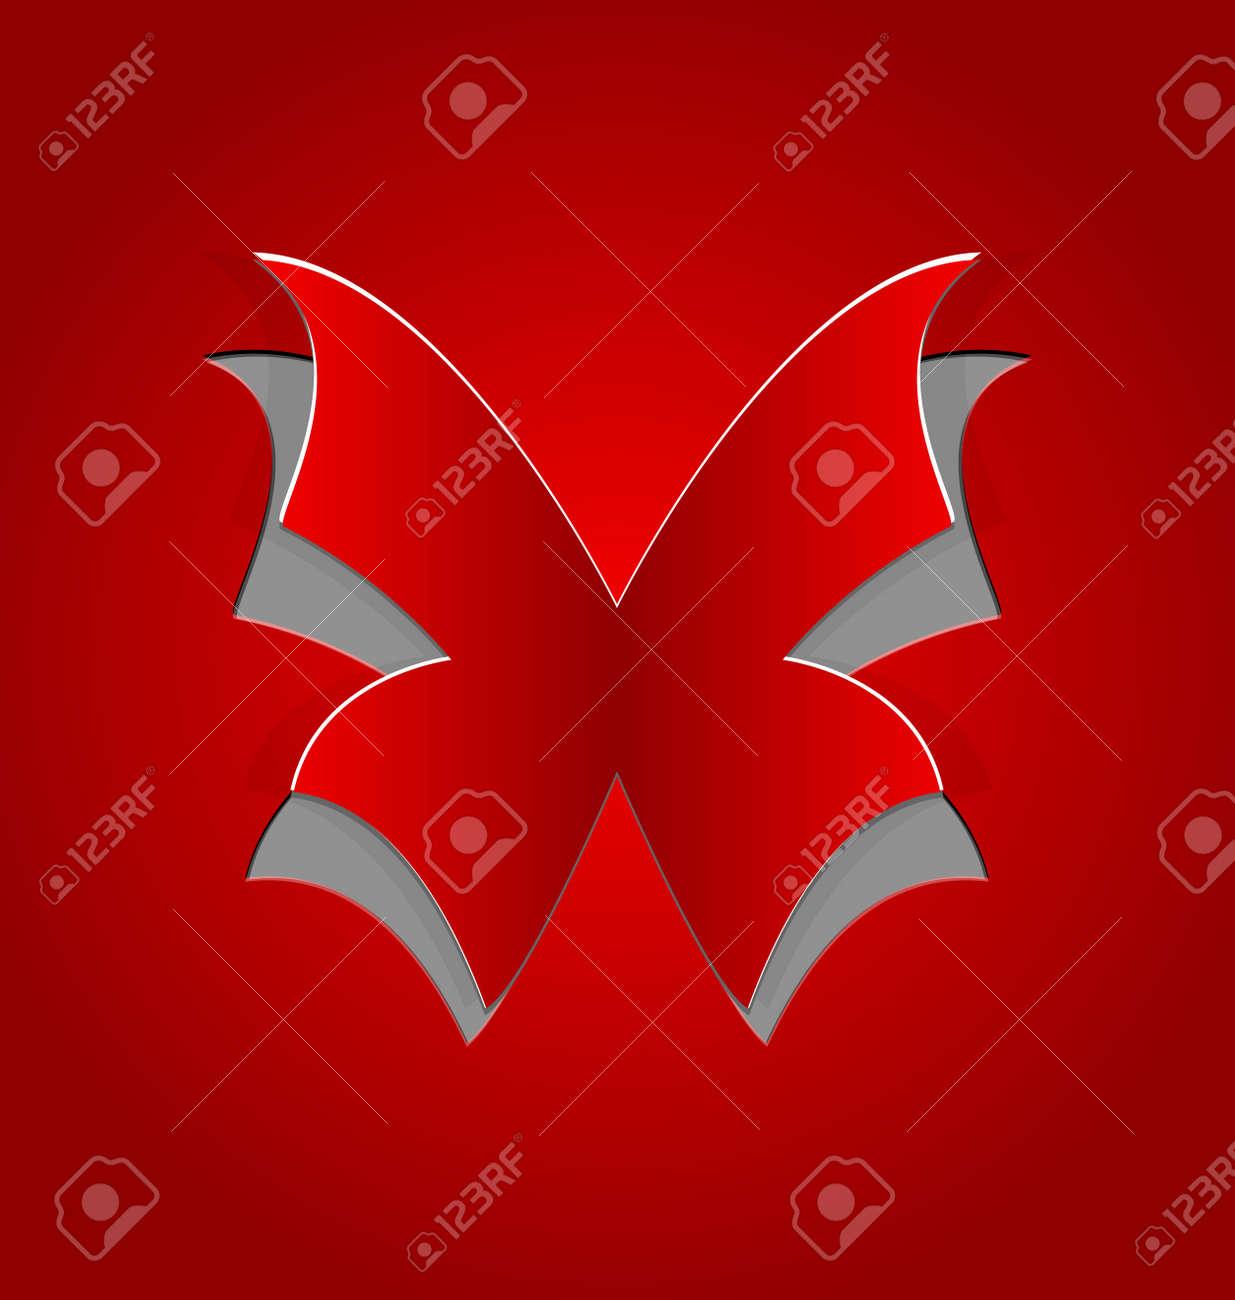 Ilustración Cortado Mariposa, Papel De Color Rojo Fotos, Retratos ...